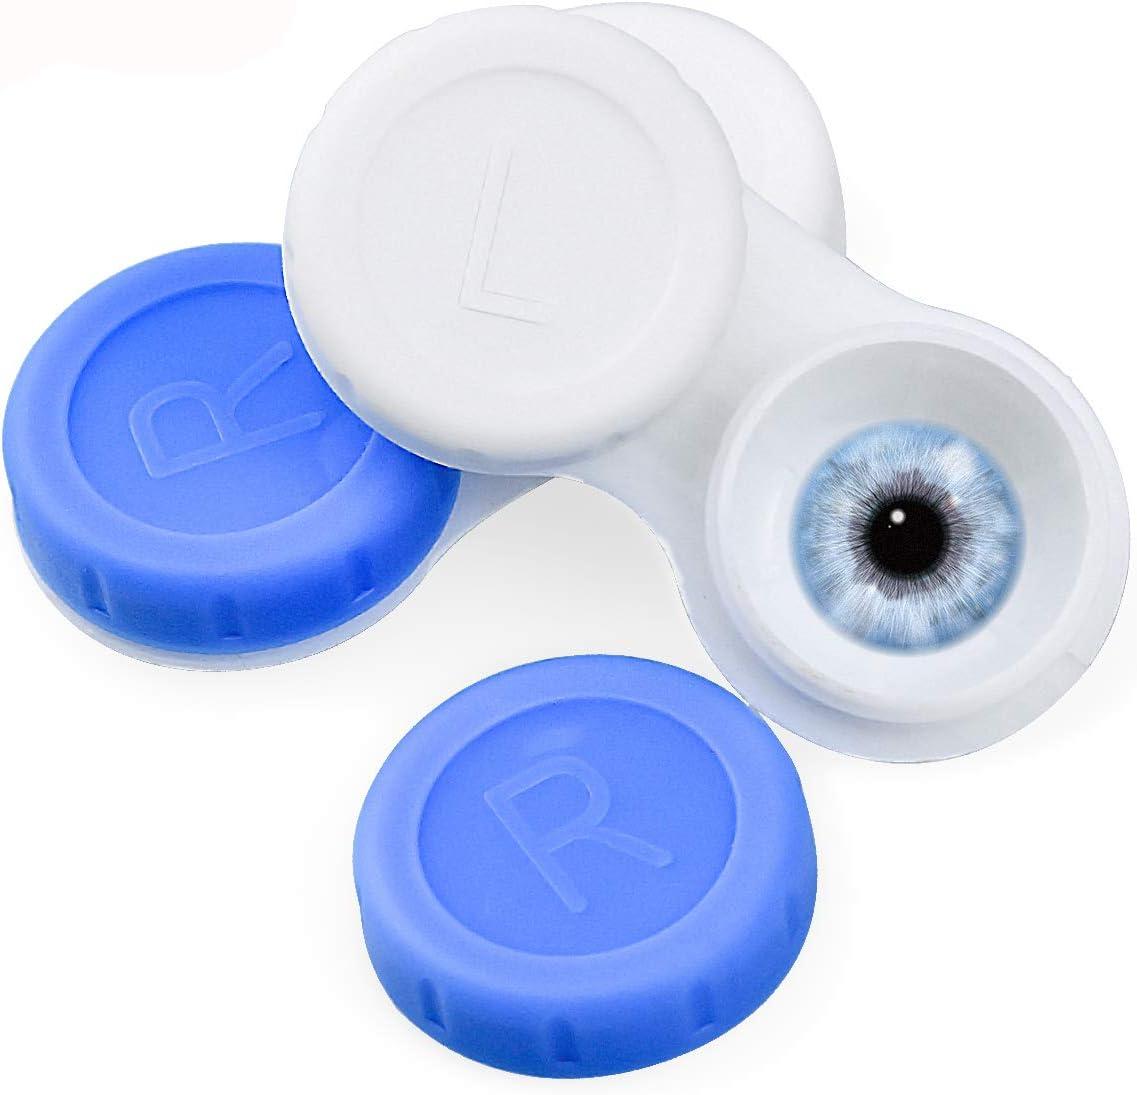 FEIGO Estuche para Lentes de Contacto Caja de Lentes de Contacto de Viaje 20 Piezas (Colores Surtidos): Amazon.es: Salud y cuidado personal